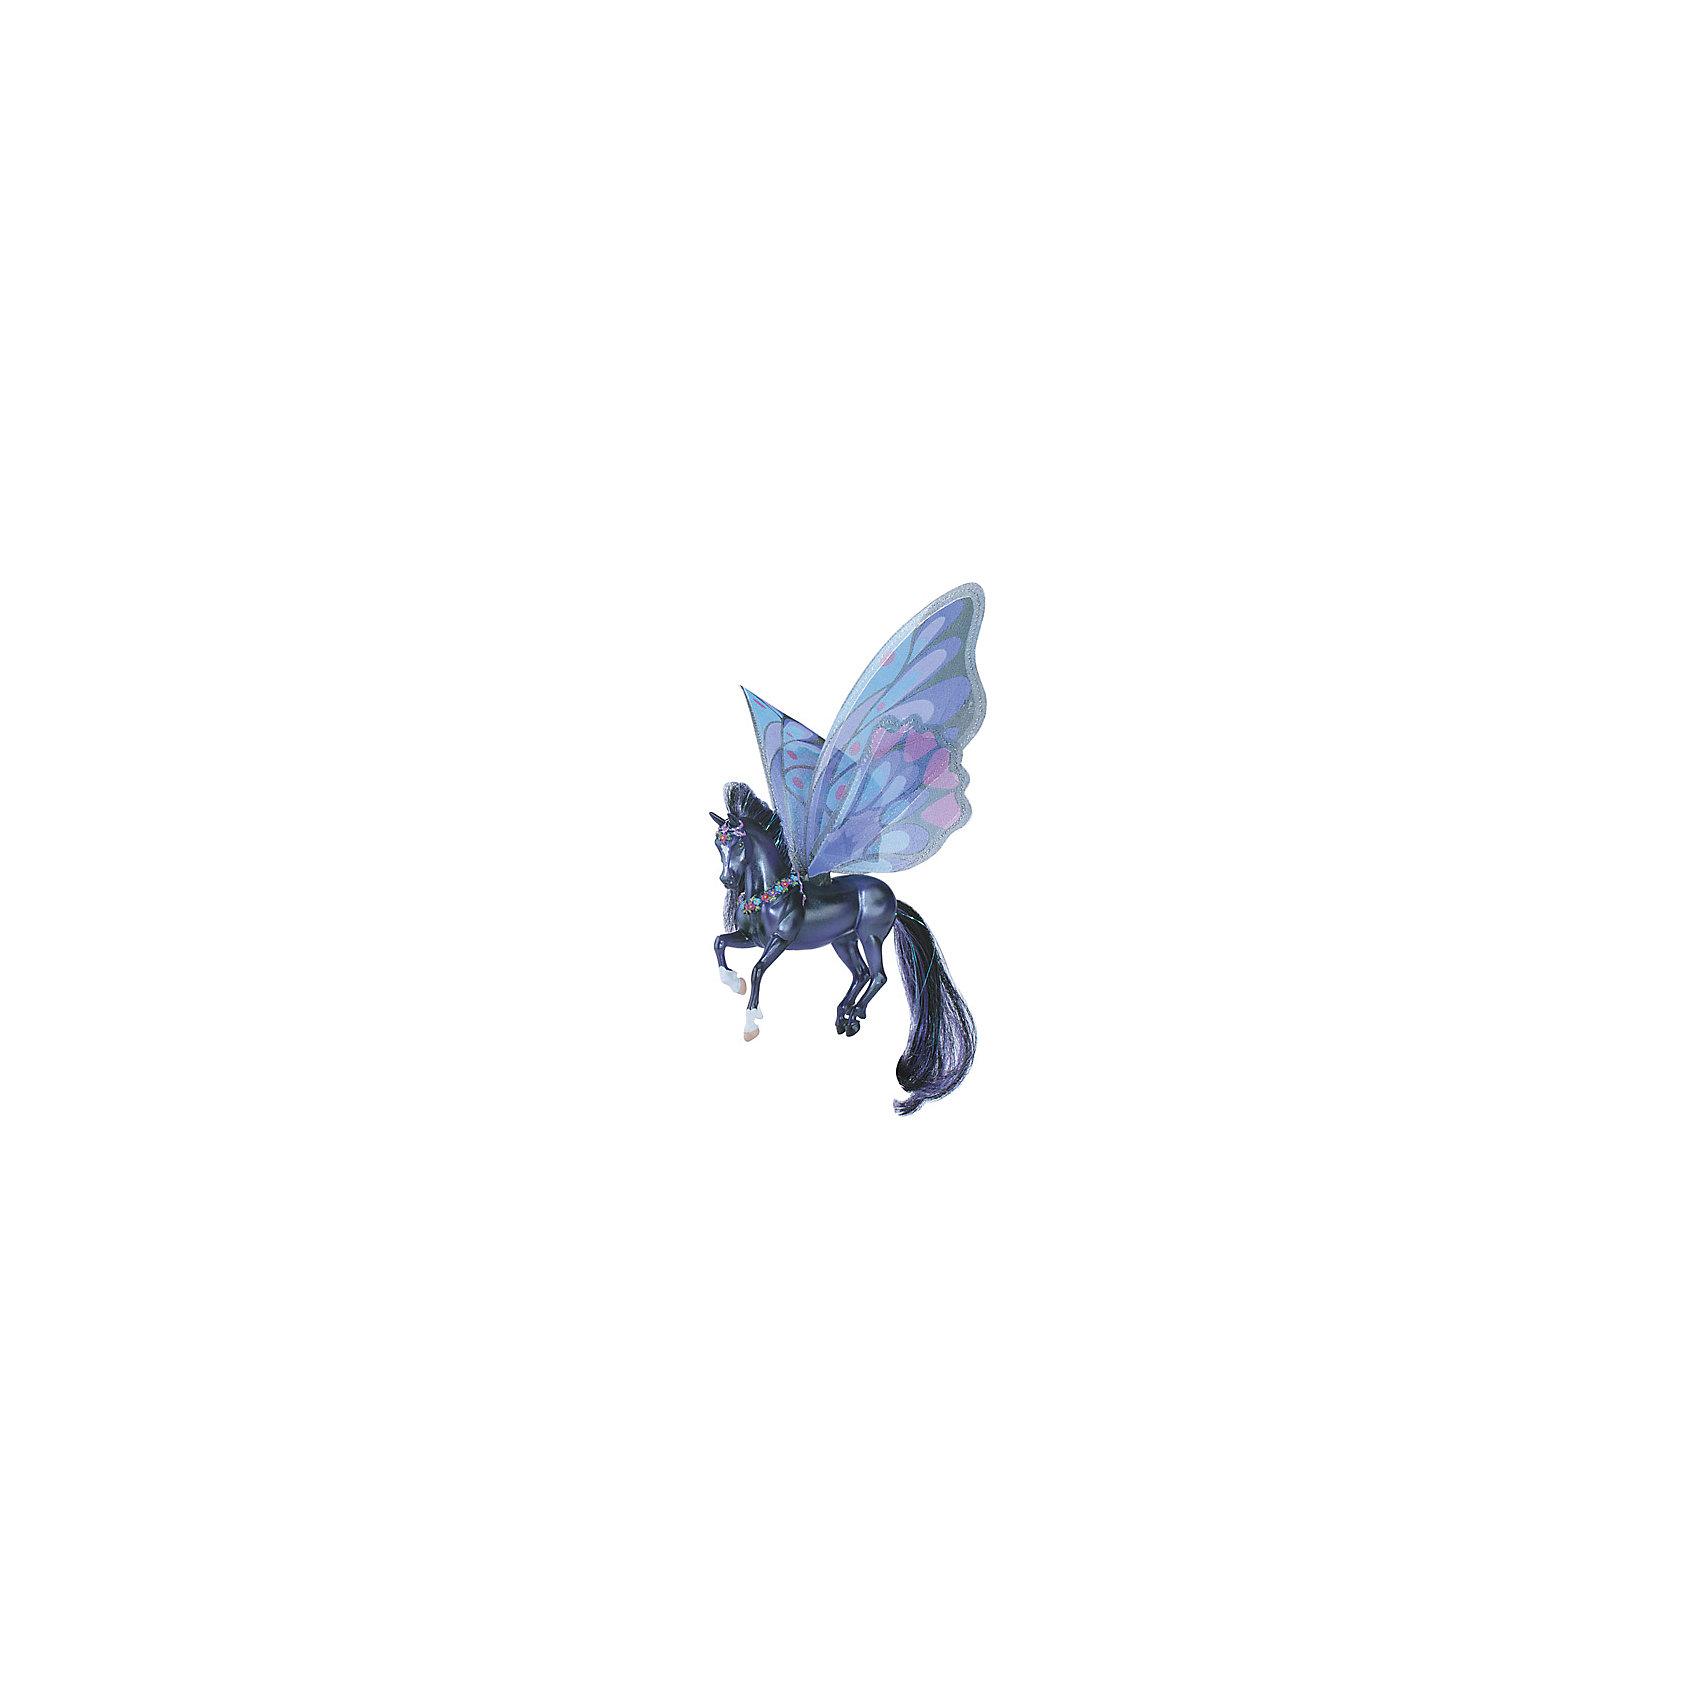 Лошадка с крыльями Кона, серия Танцы ветра, Breyer